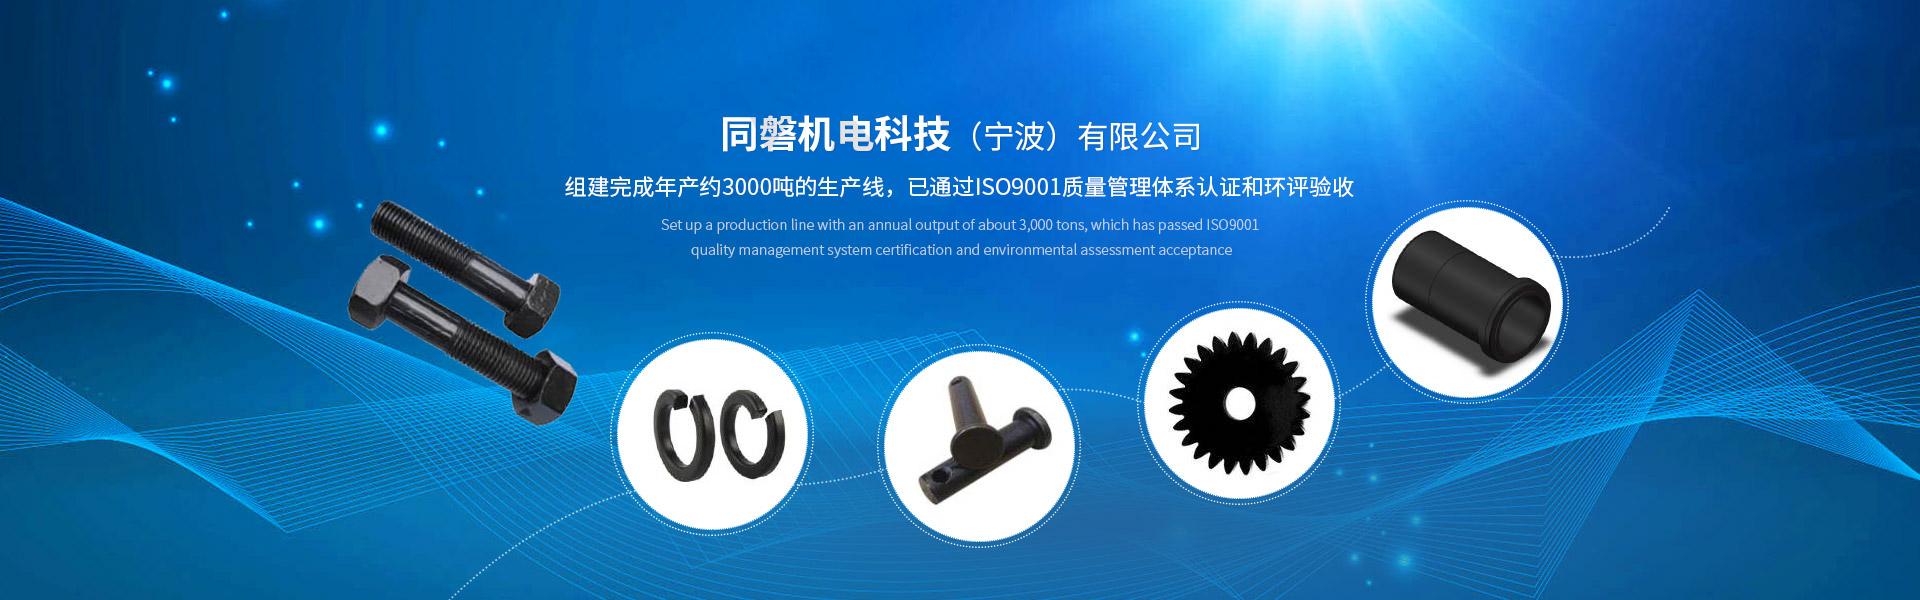 宁波同磐机电科技有限公司